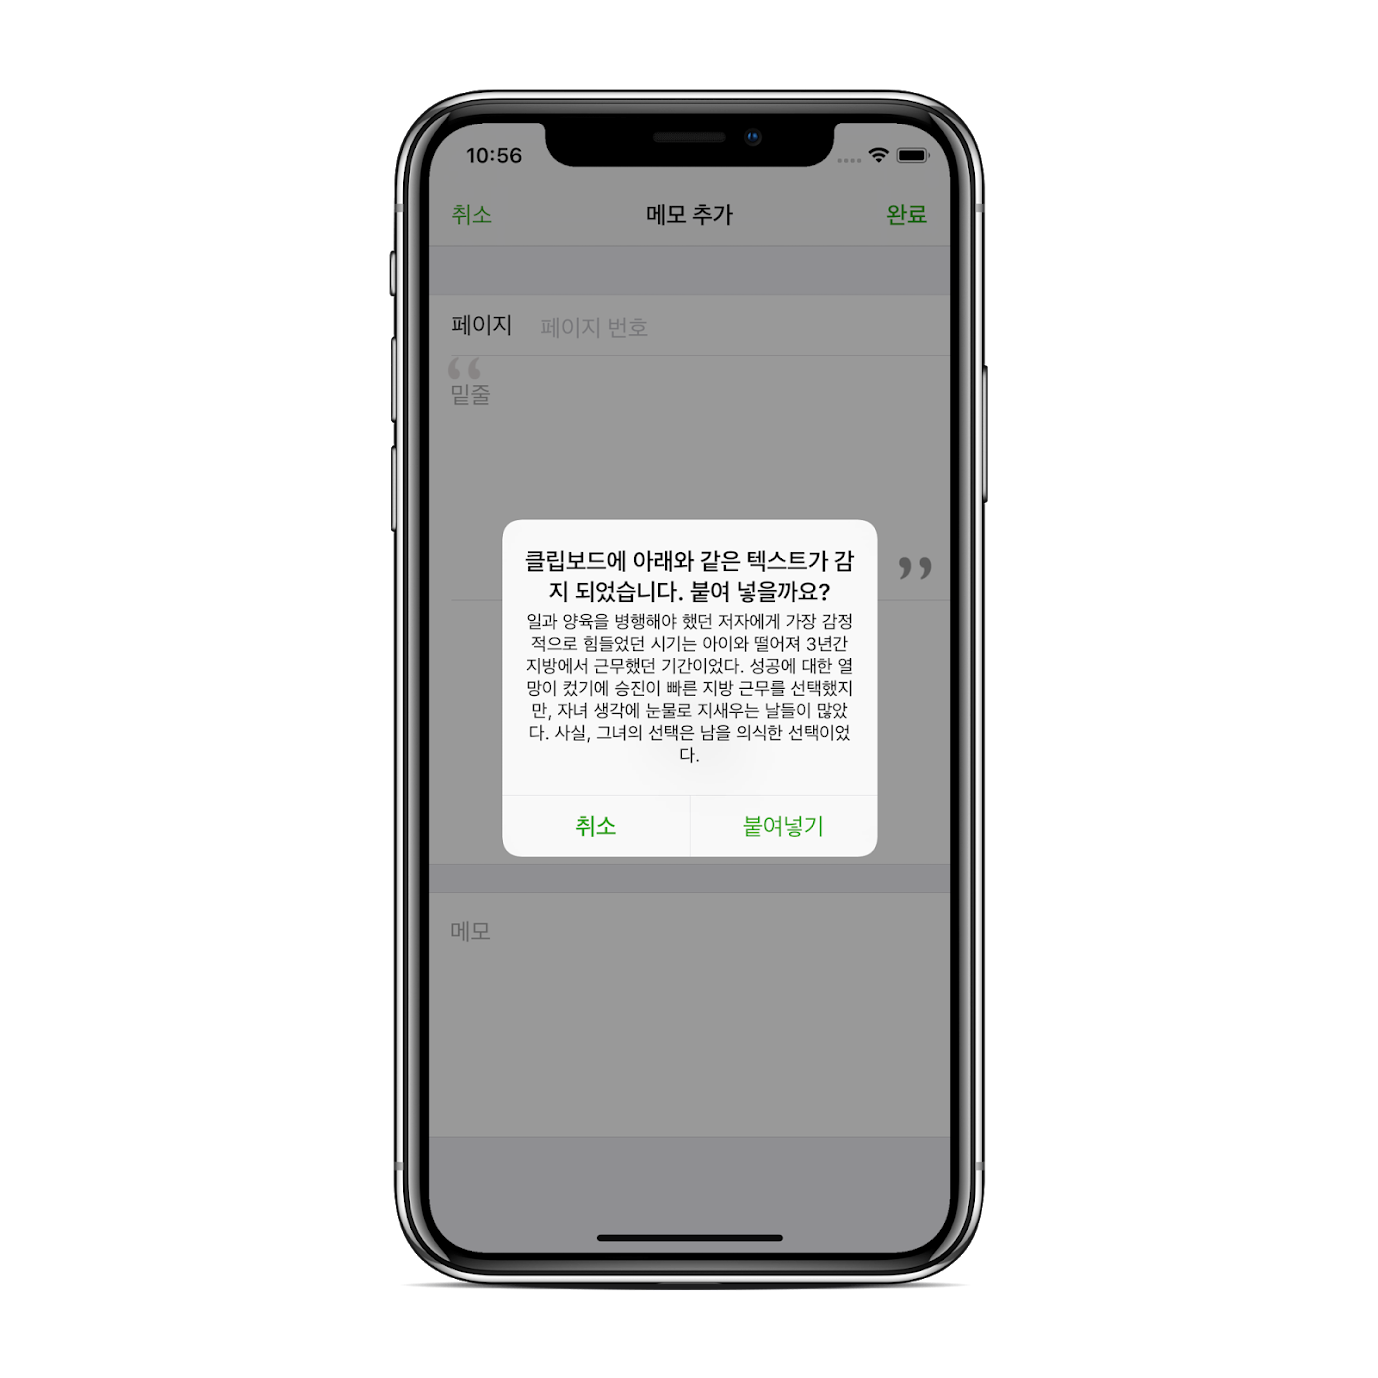 메모 추가시 클립보드의 텍스트를 자동으로 감지해서 붙여넣기